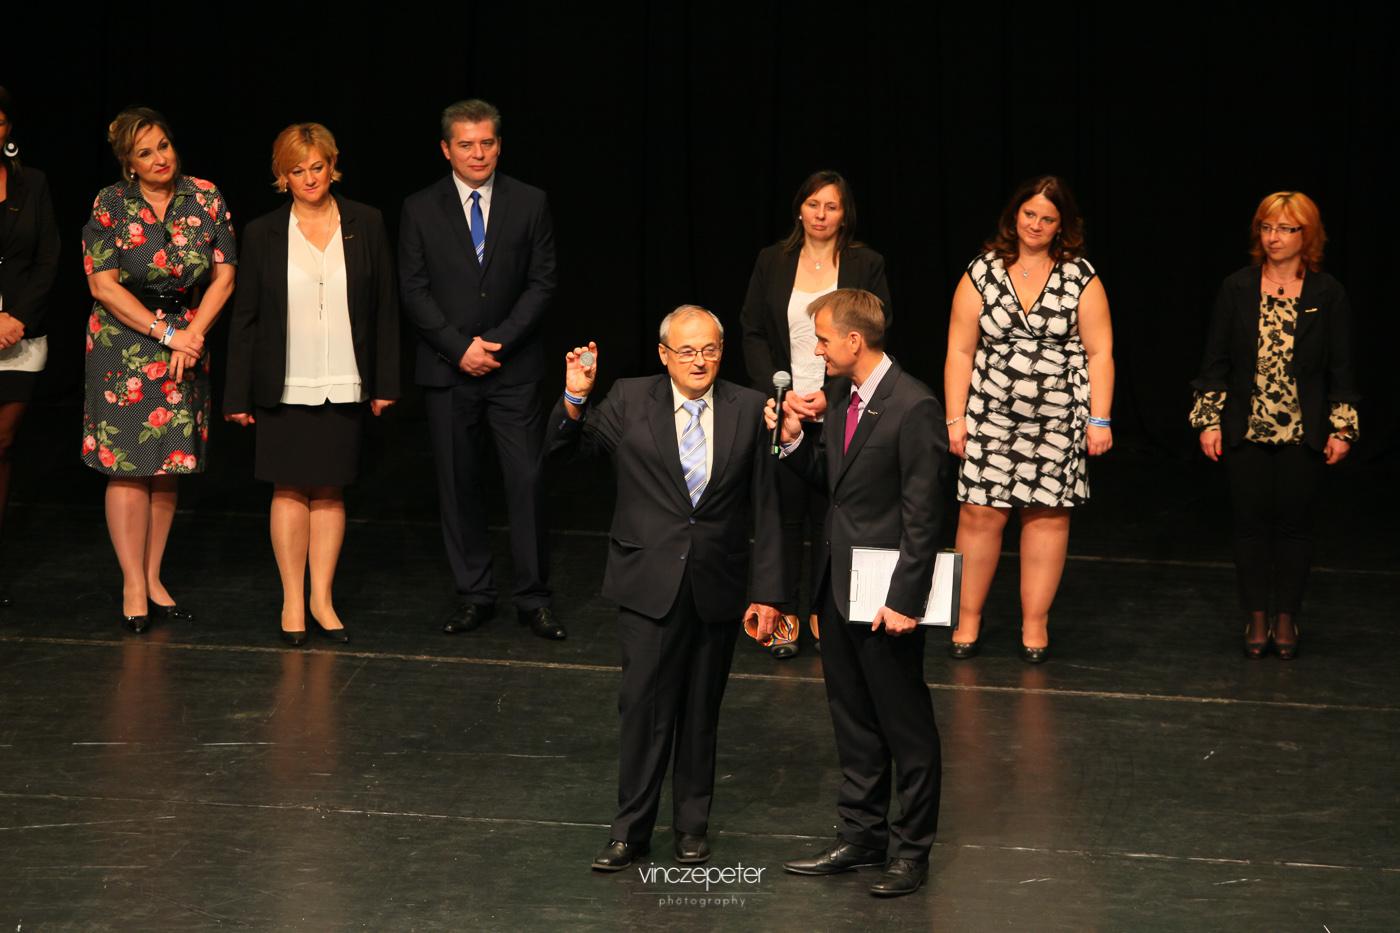 A népszerű, és ezúttal is állva megtapsolt feltaláló, Szabó Sigfrid éppen a Reg-Enorért kapott Géniusz.díjat mutatja. A másik kezében pedig egy nemzetközi kiállításon kapott bronzérem - ugyanezért.